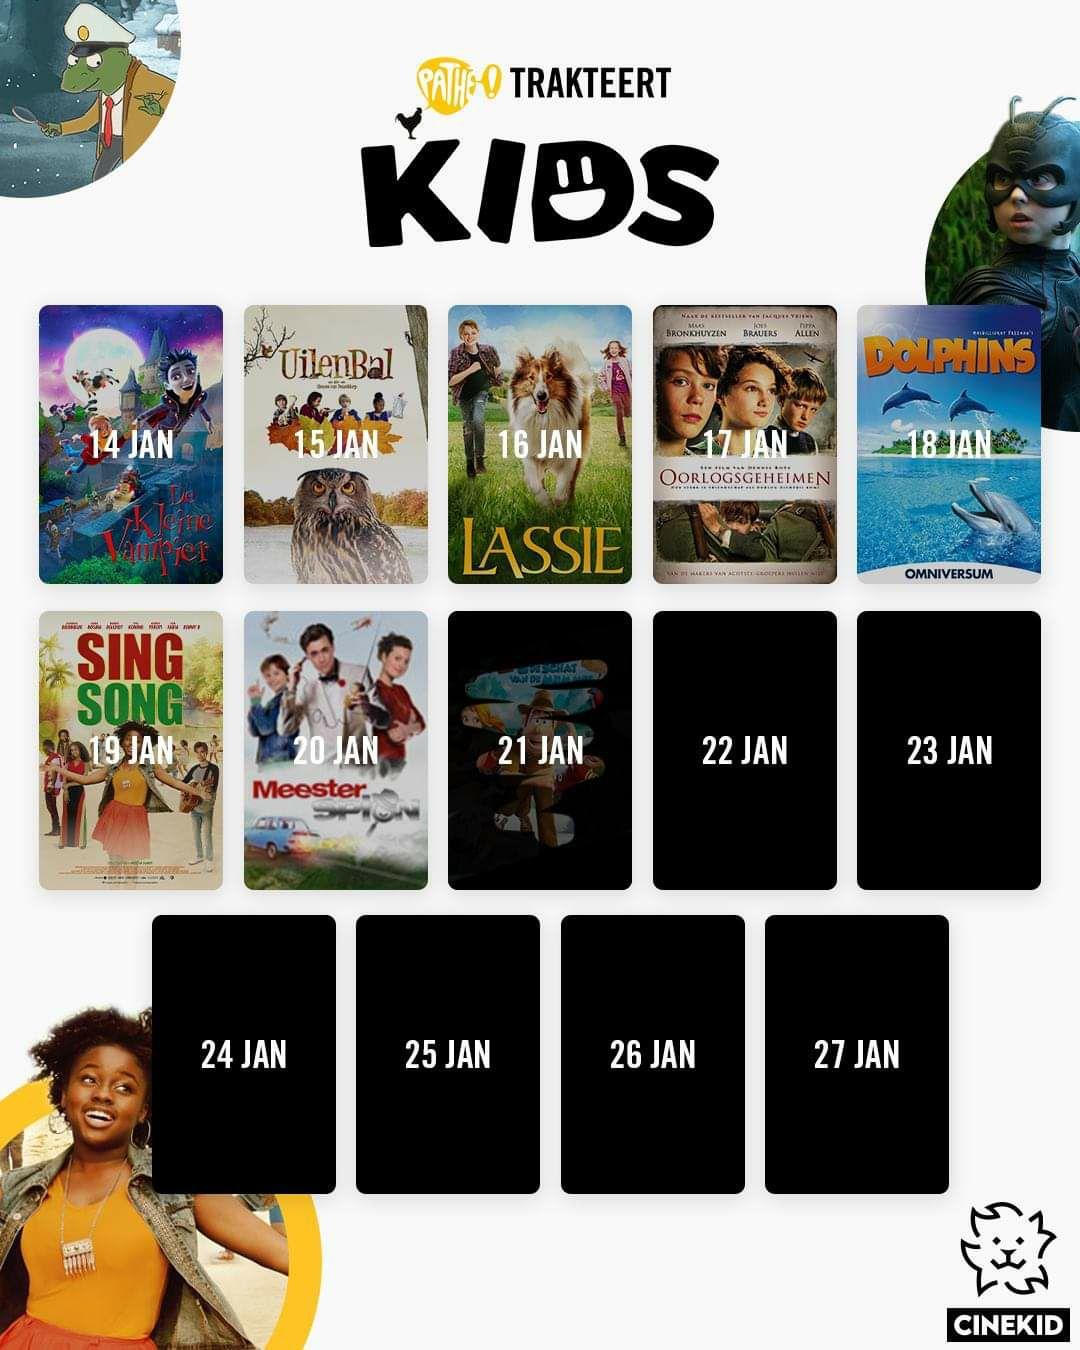 Pathé Trakteert - Elke dag een gratis kinderfilm